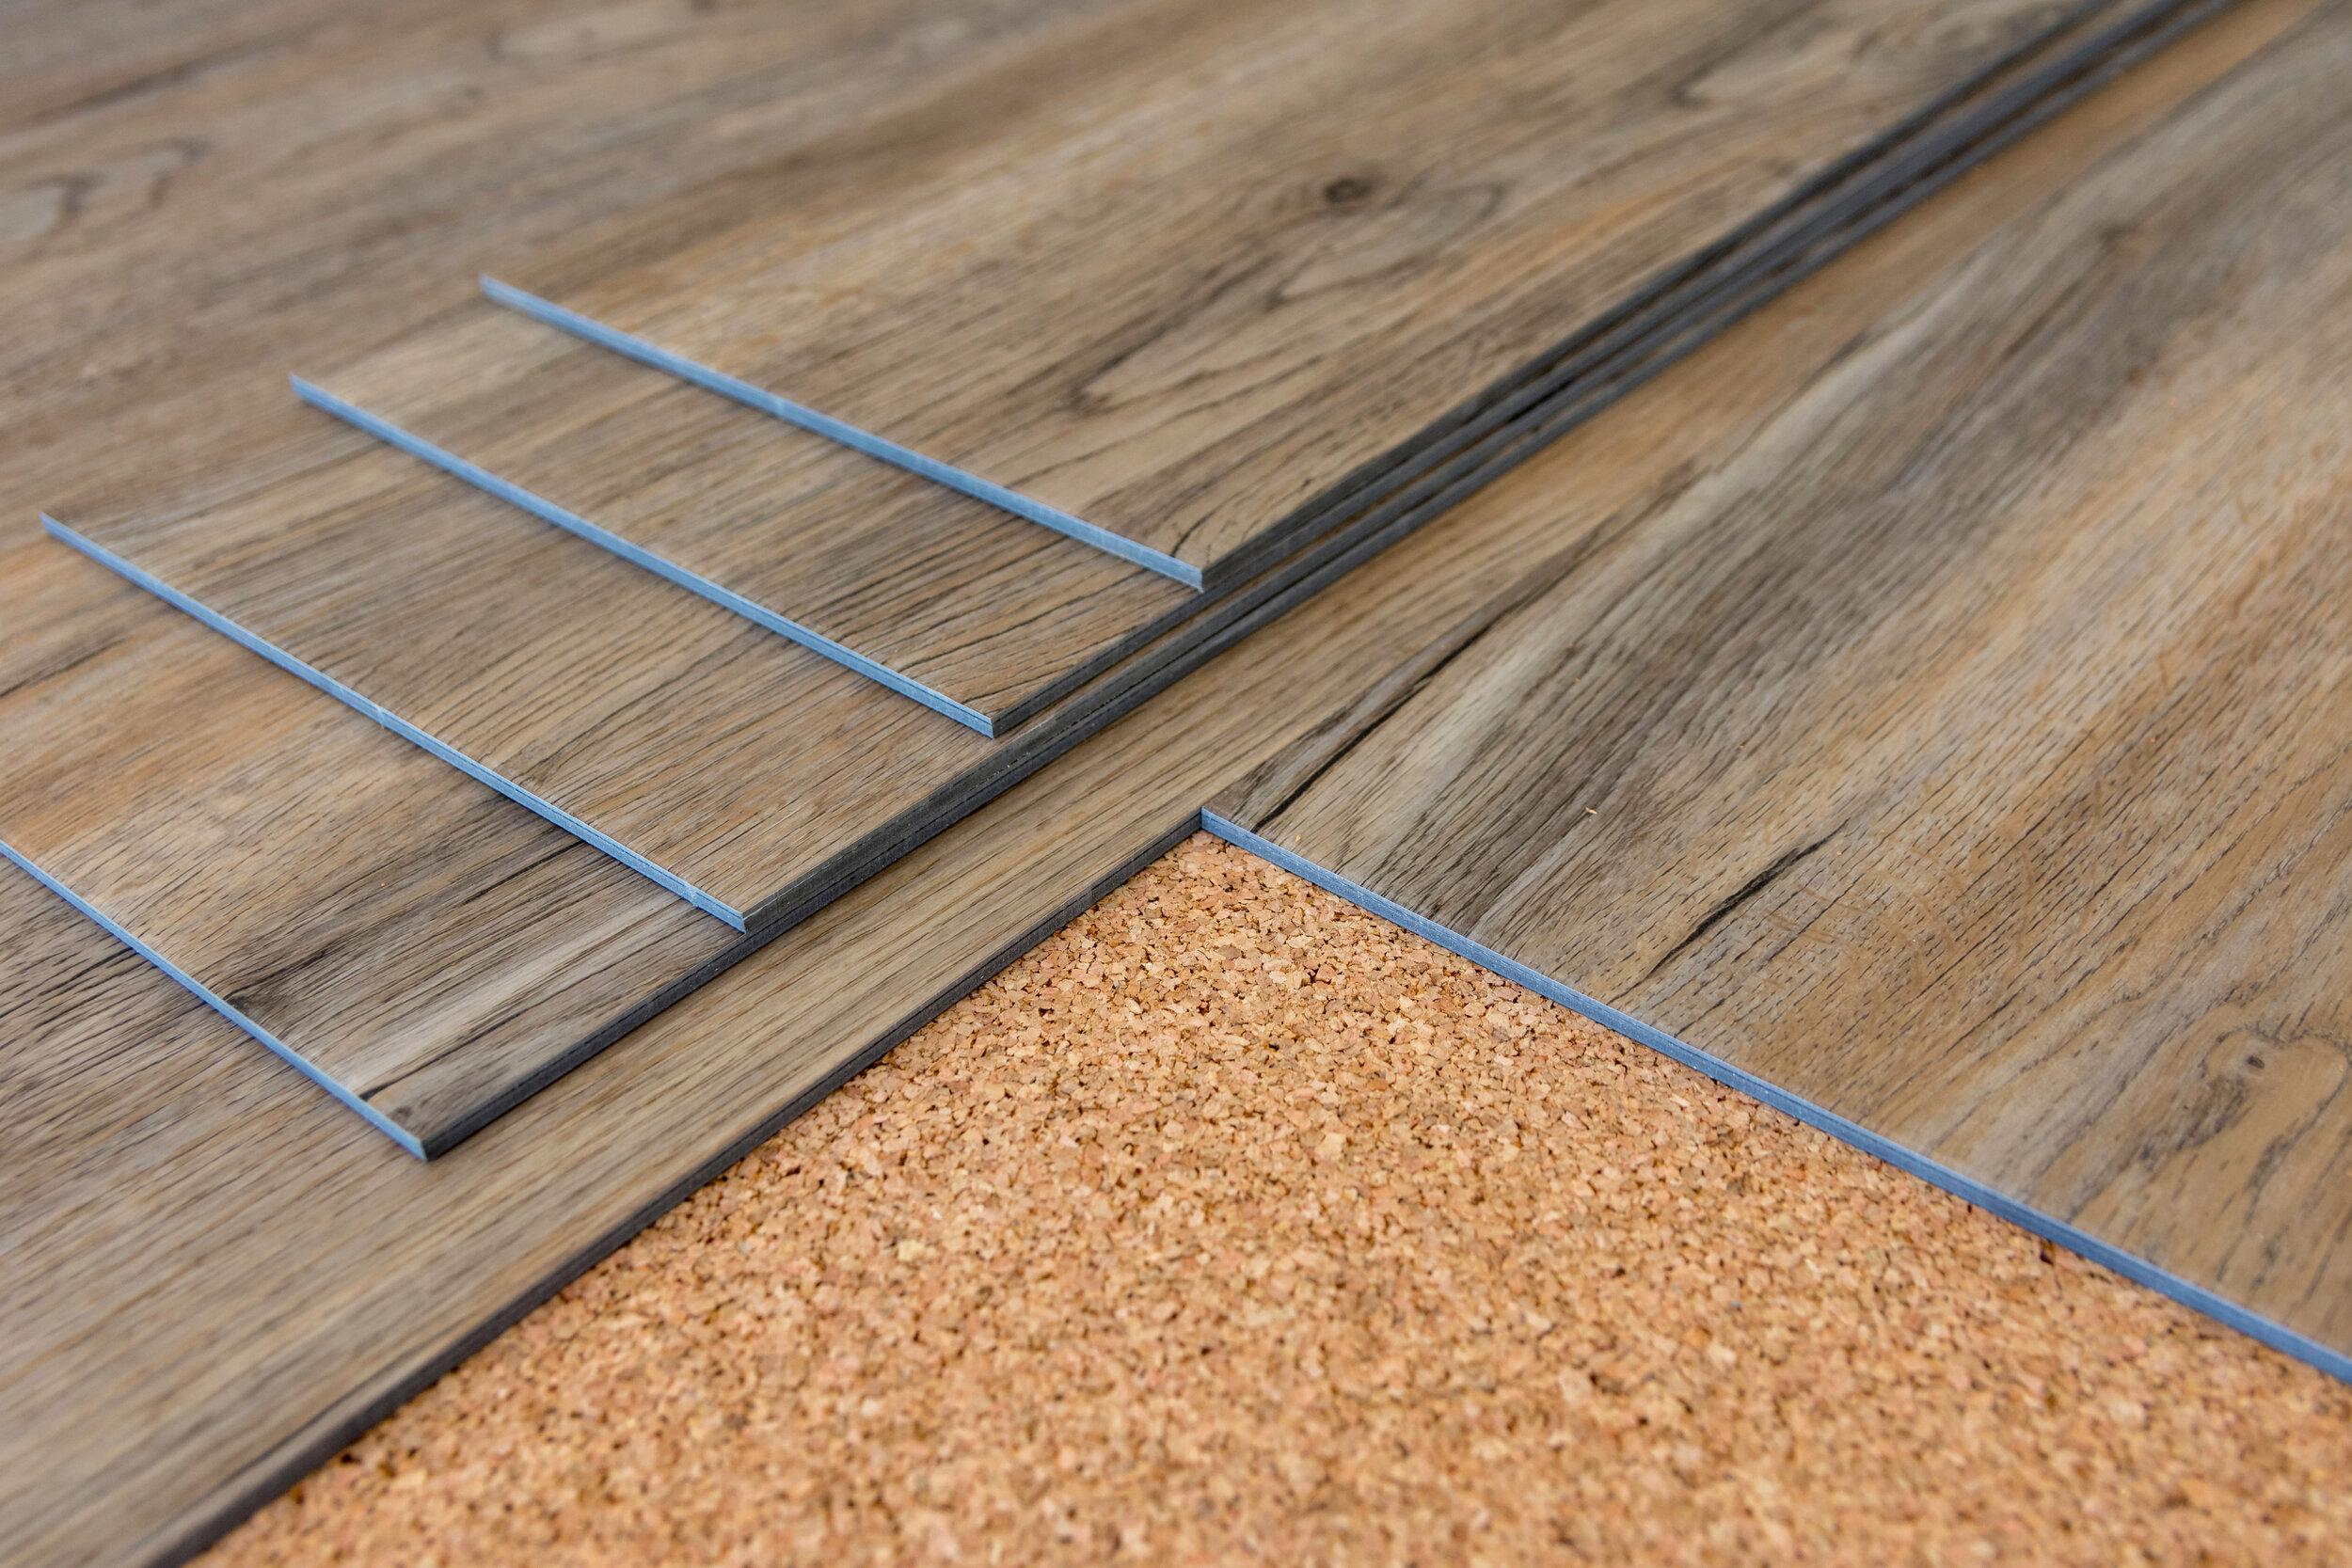 Waterproof Laminate Flooring, Best Waterproof Laminate Flooring Reviews